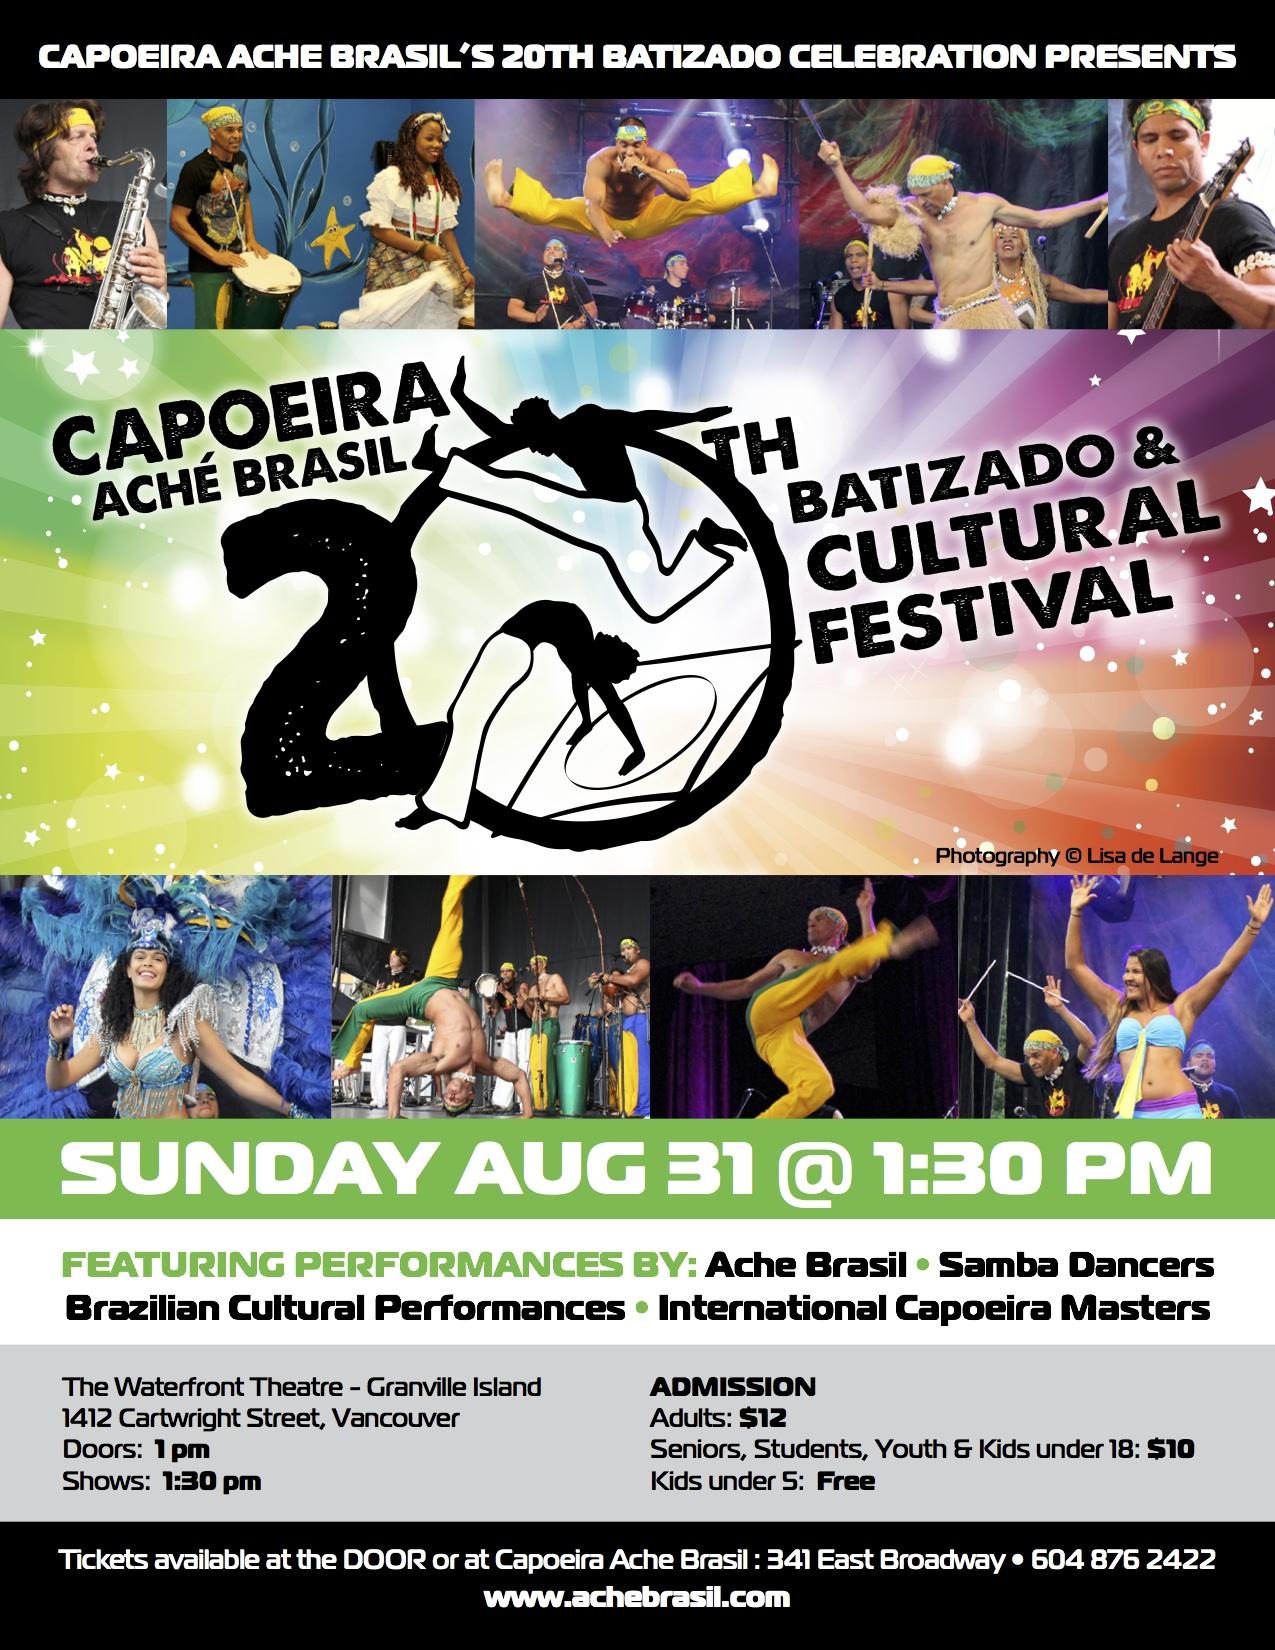 Capoeira_Batizado_Poster_2014_11x7_V1